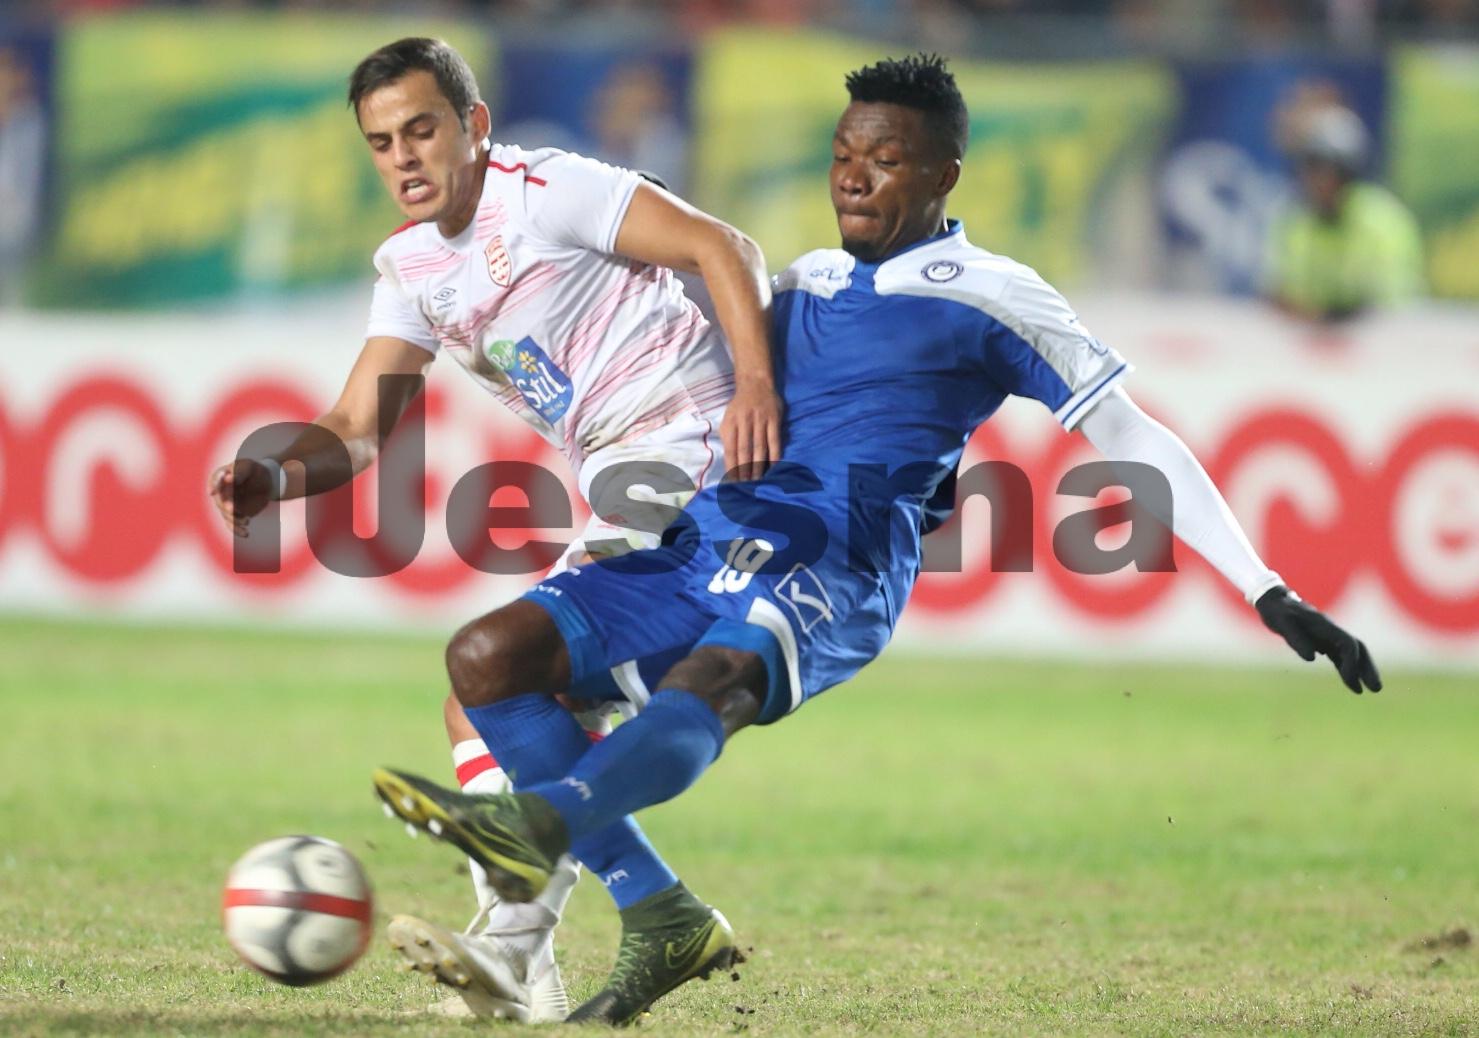 صور الشوط الثاني من مباراة النادي الافريقي والهلال السوداني